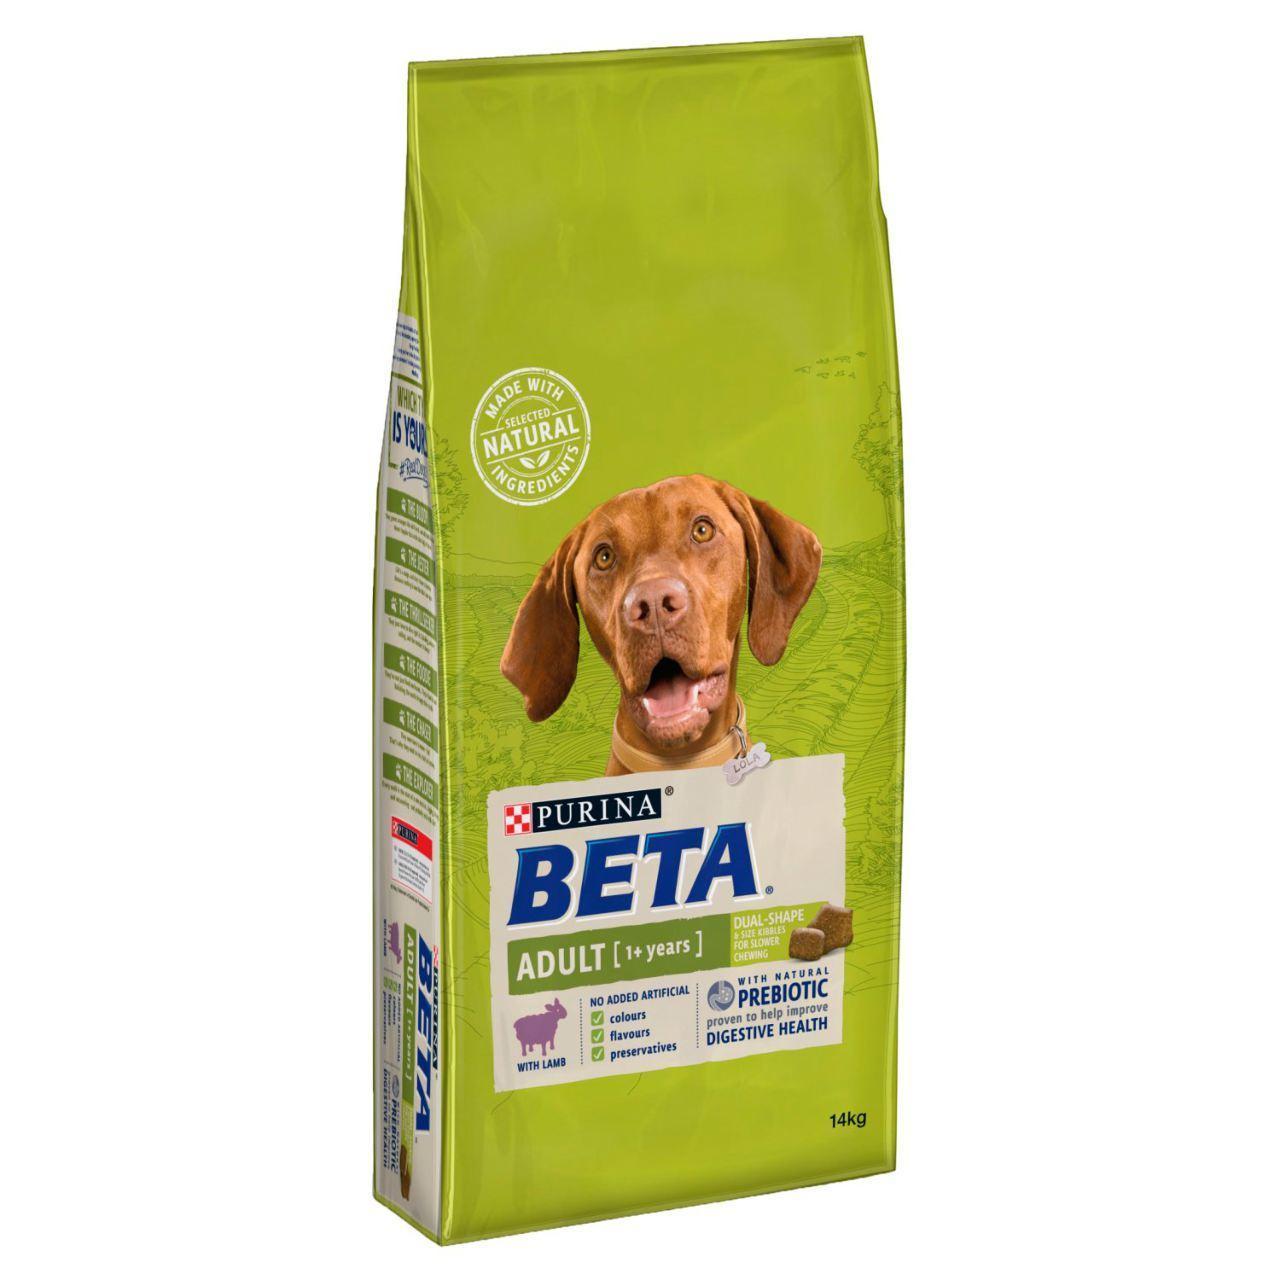 Safety Of Iams Dog Food